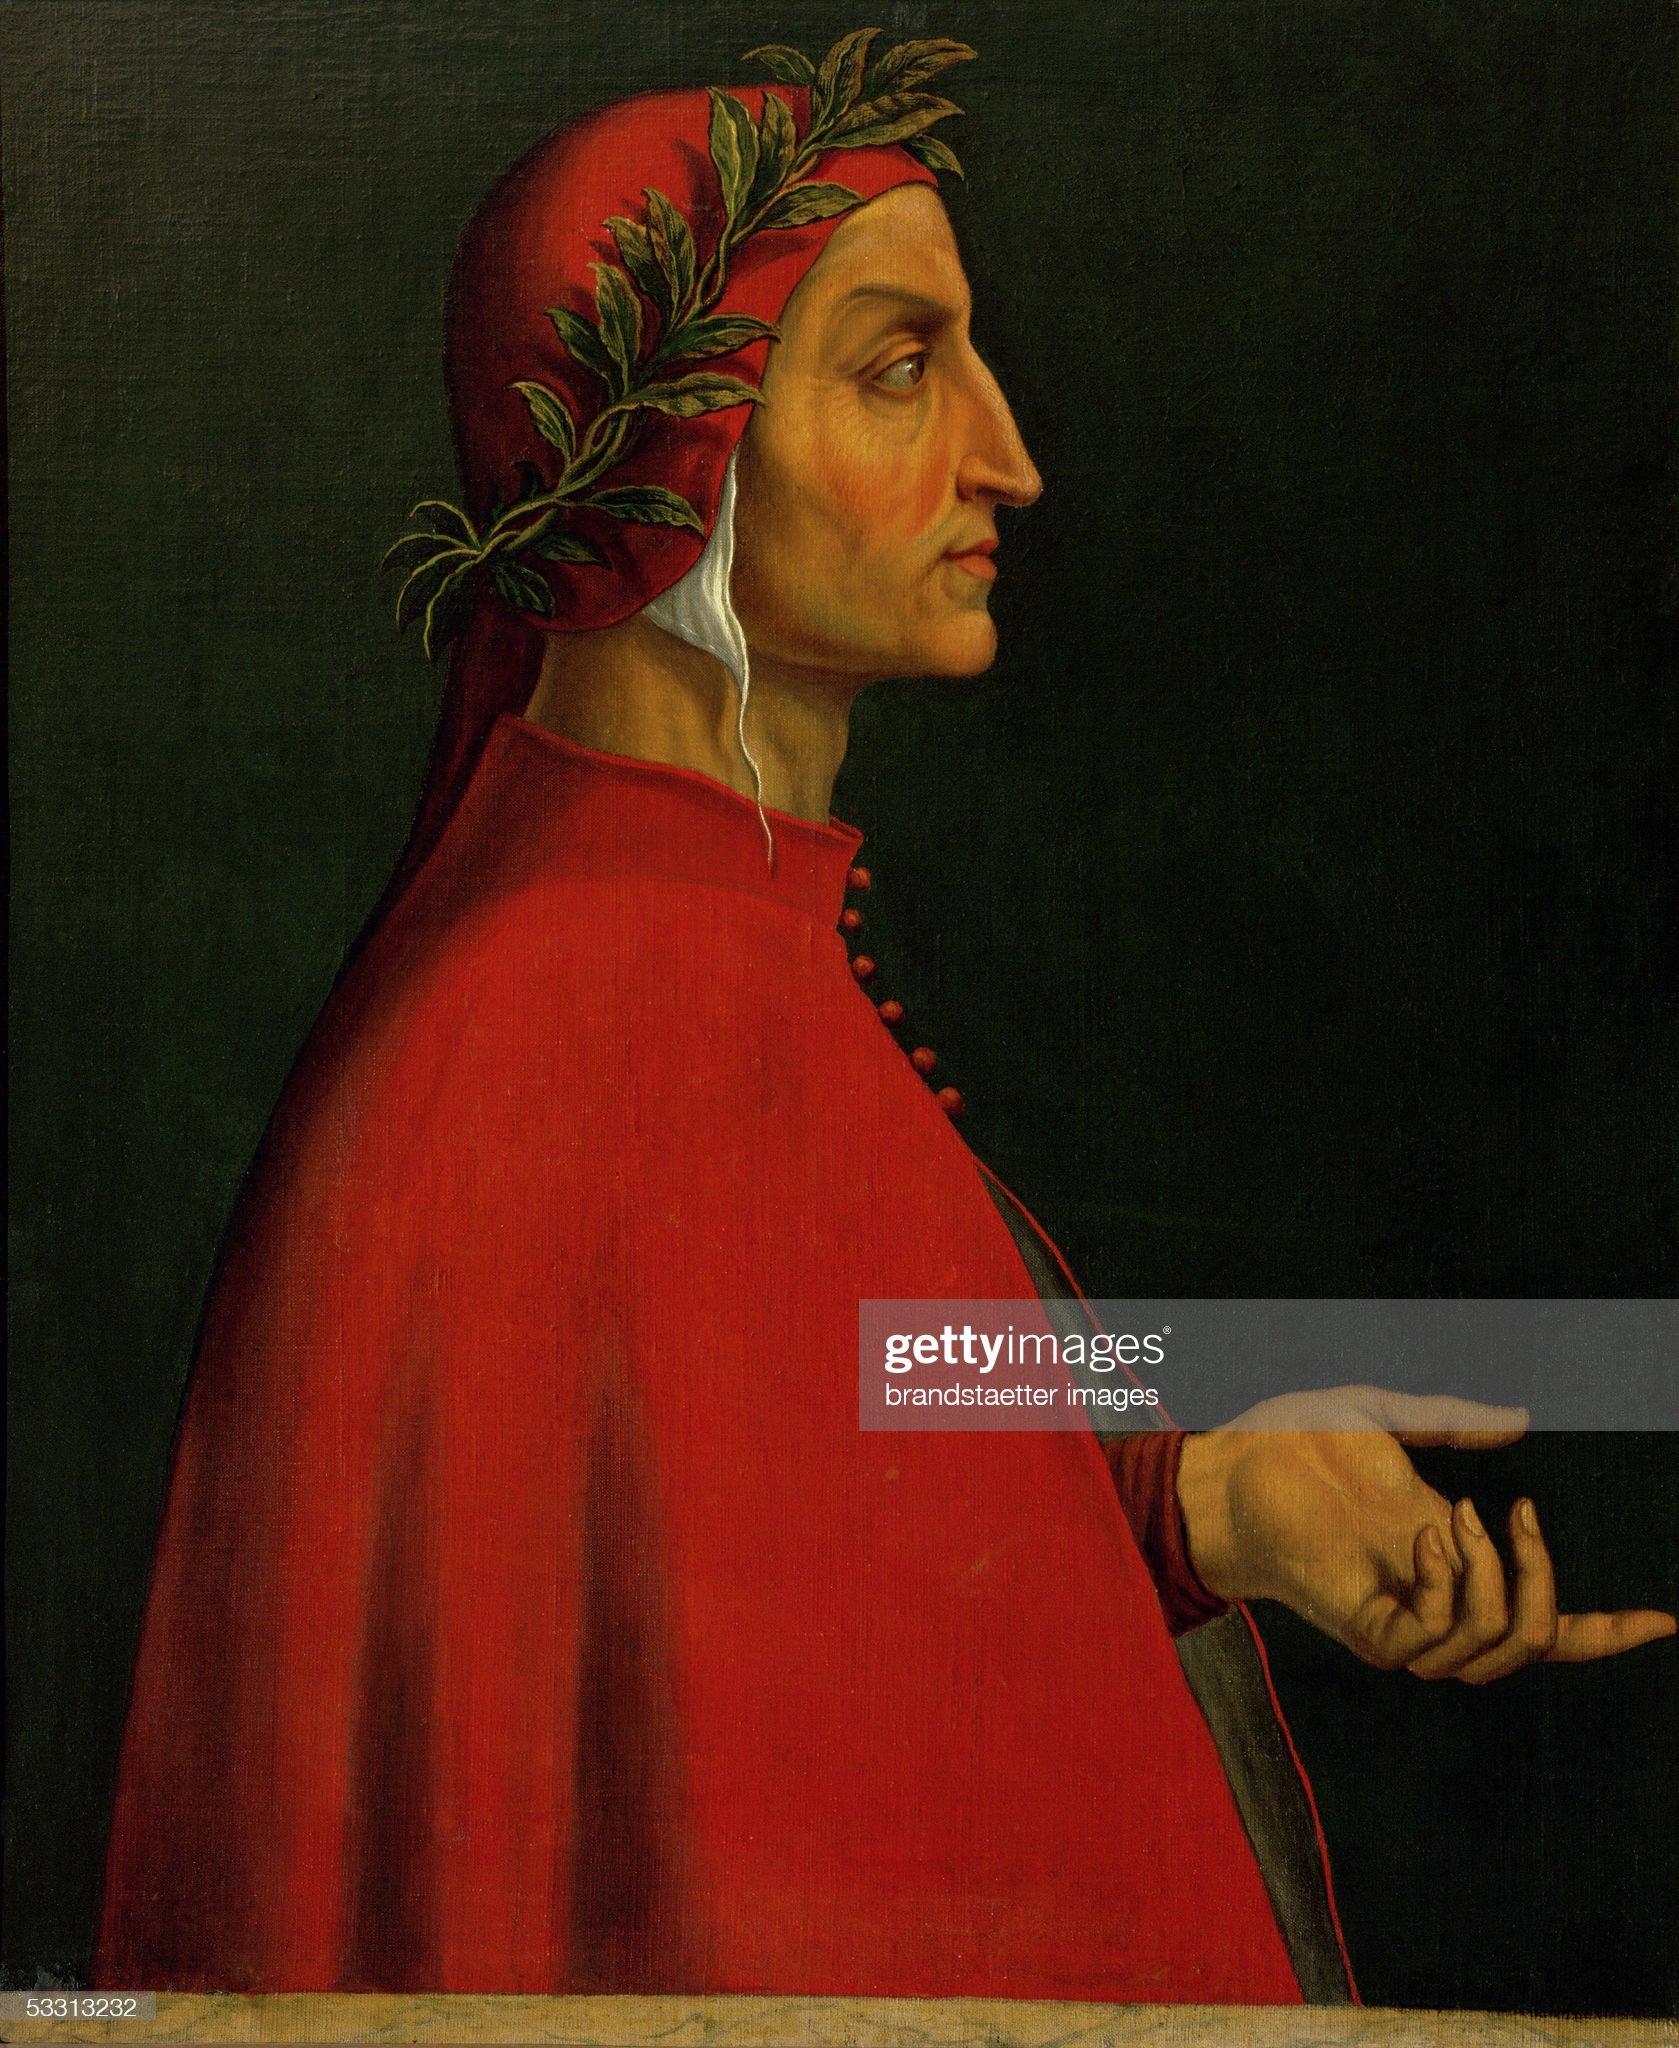 Dante Alighieri, Italian poet... : ニュース写真